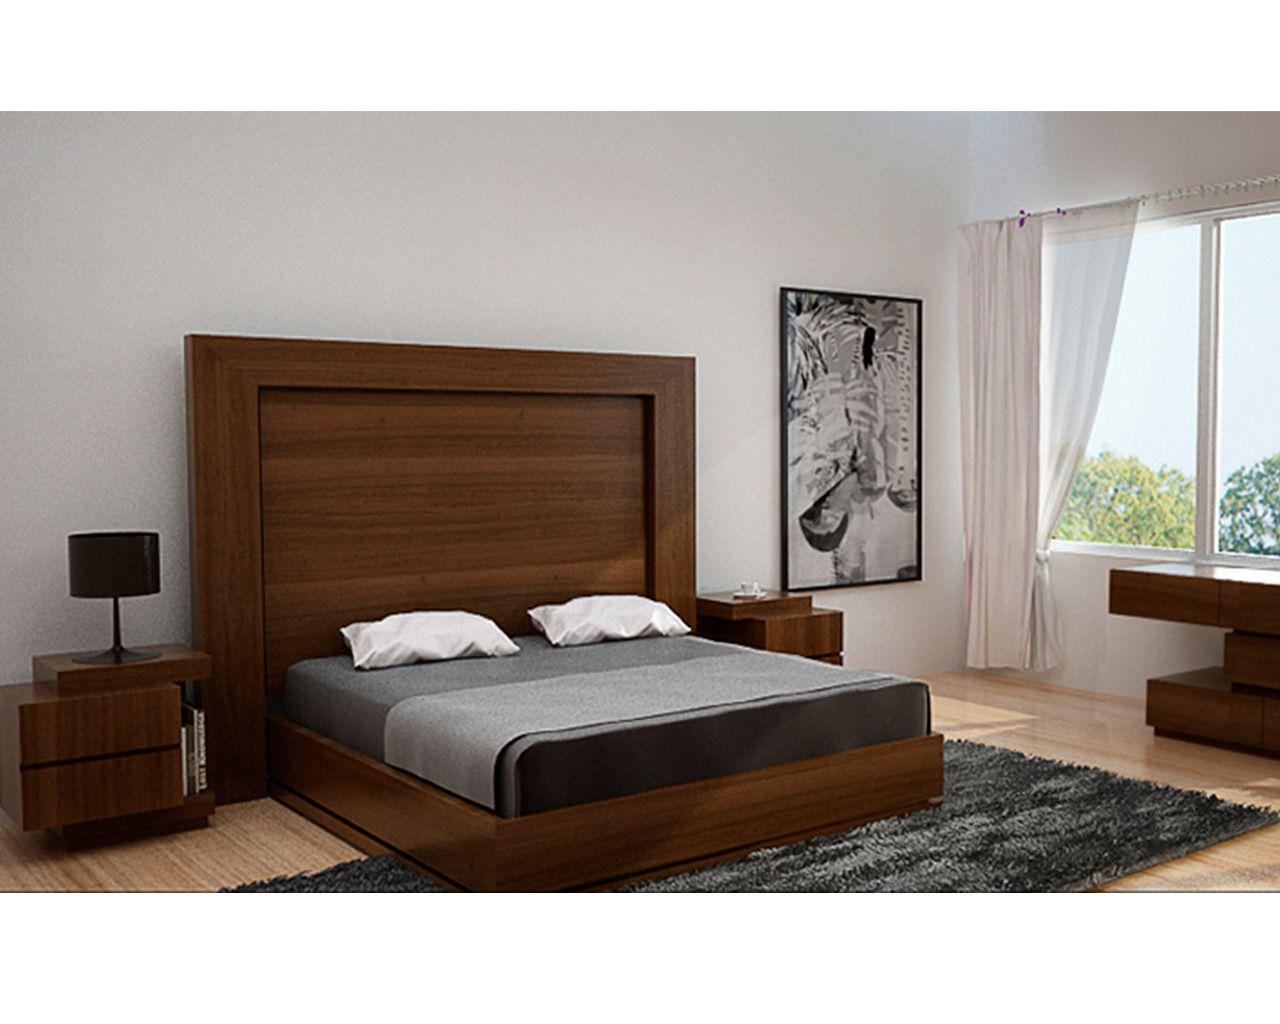 Recamara hilef arizona rec mara modelo contempor neo con for Buros de cama modernos